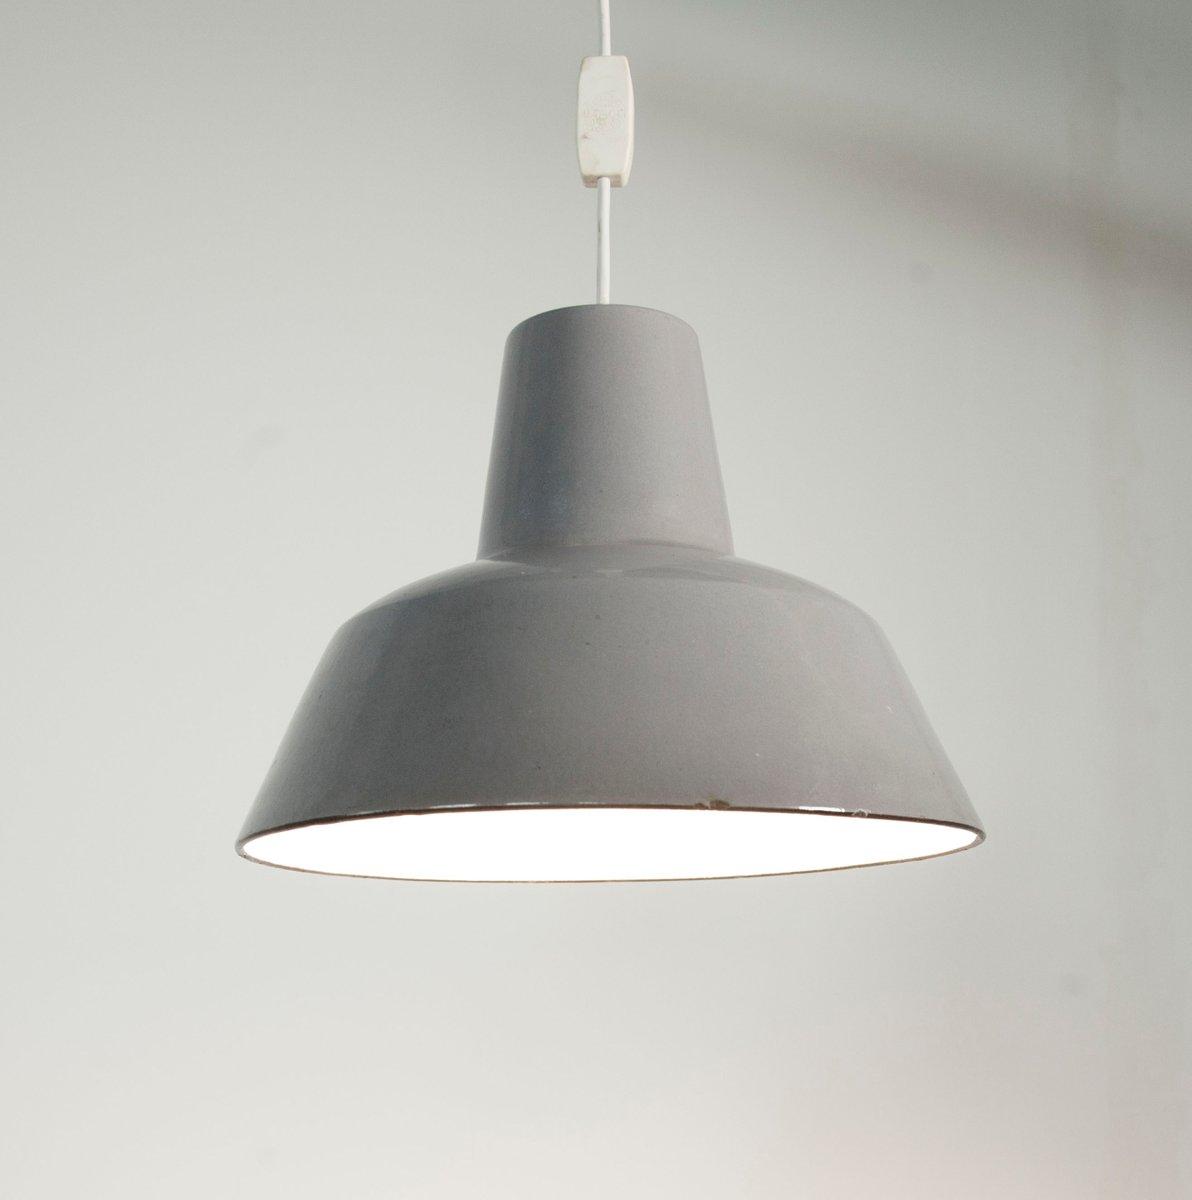 lampe suspension industrielle maill e grise en vente sur pamono. Black Bedroom Furniture Sets. Home Design Ideas